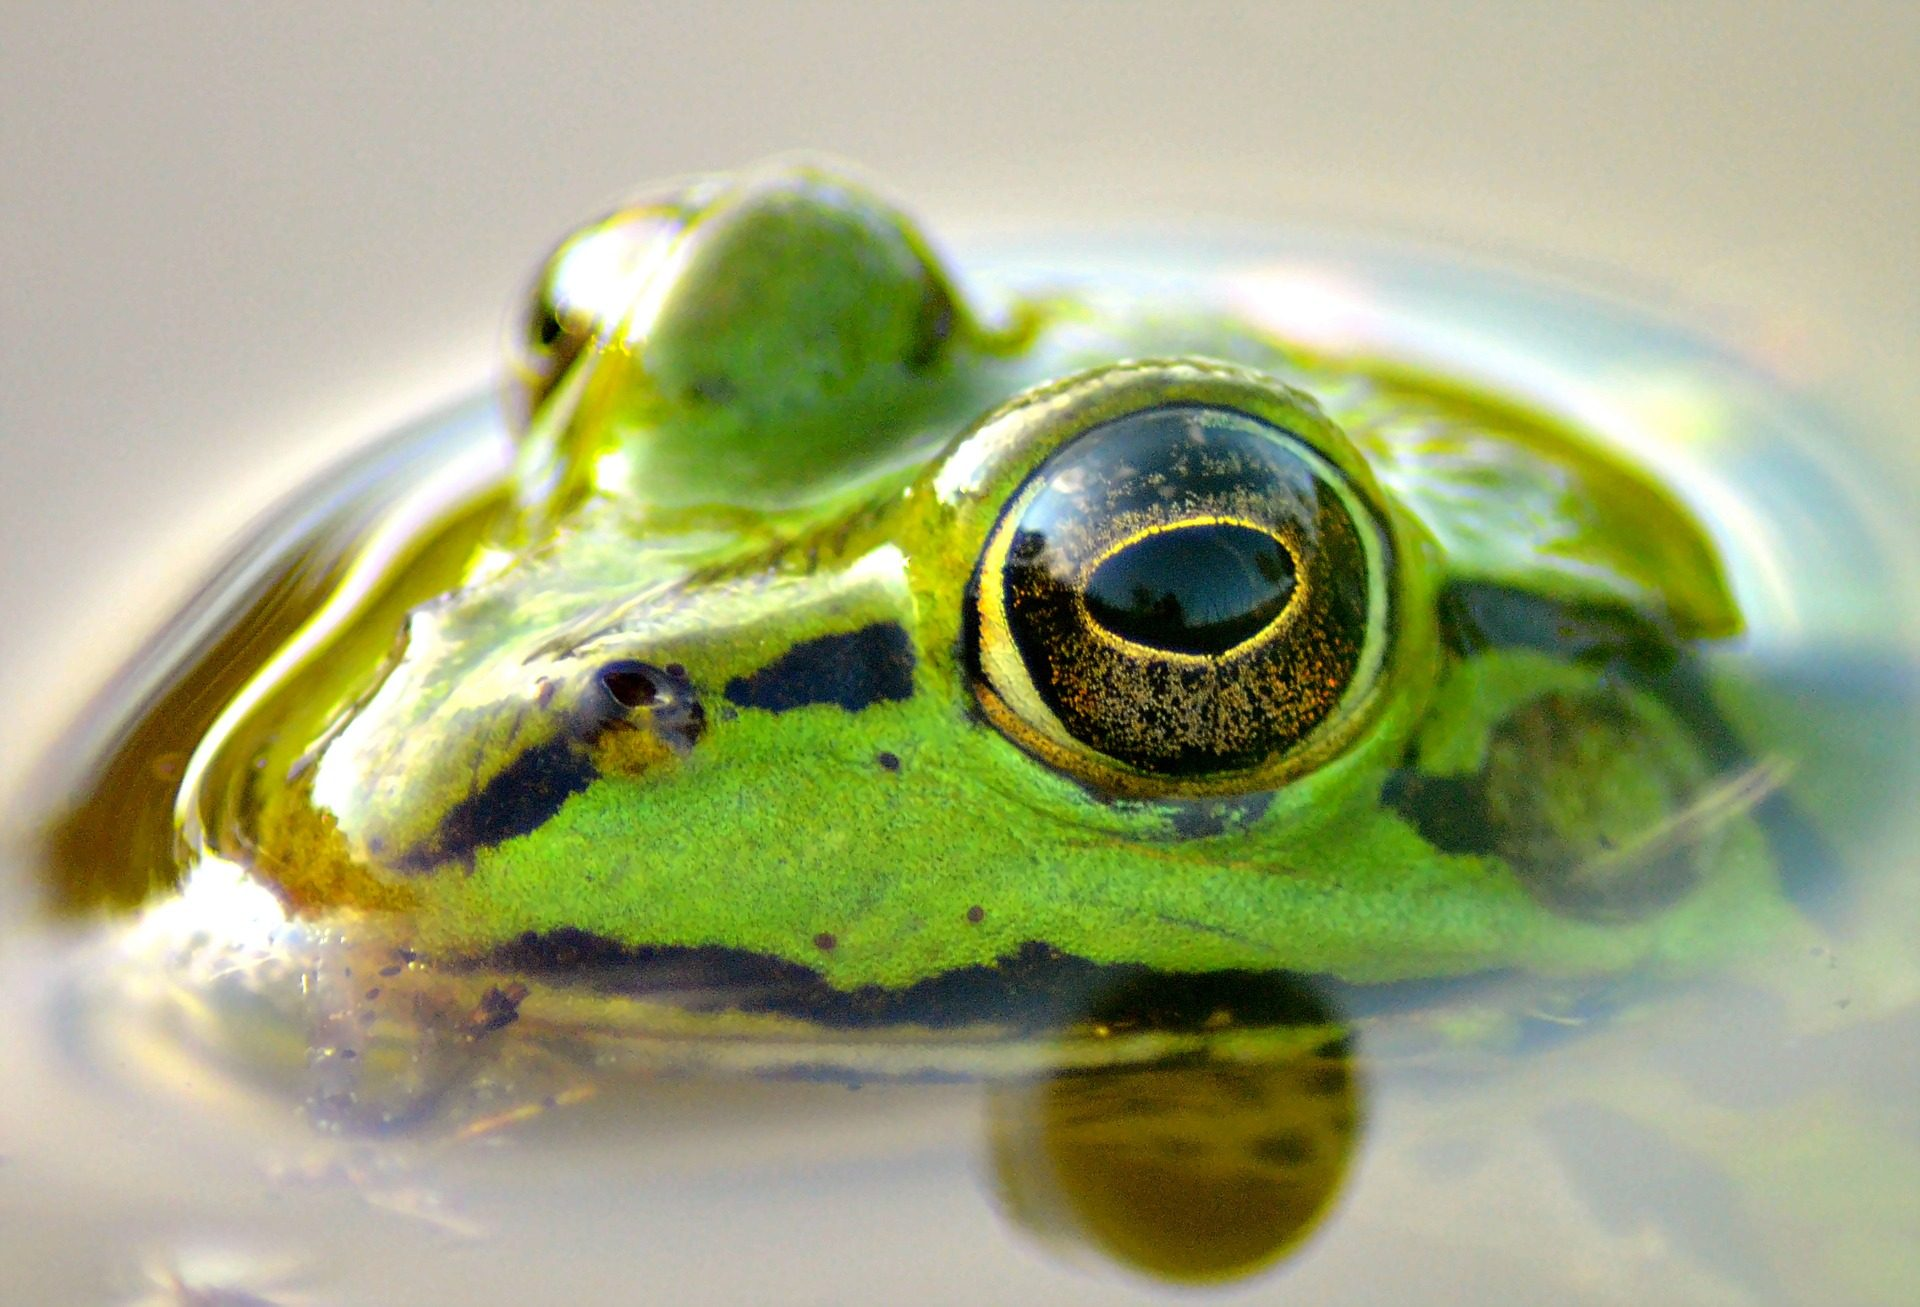 Βάτραχος, Αμφίβια, τα μάτια, CHARCA, δέρμα, νερό - Wallpapers HD - Professor-falken.com